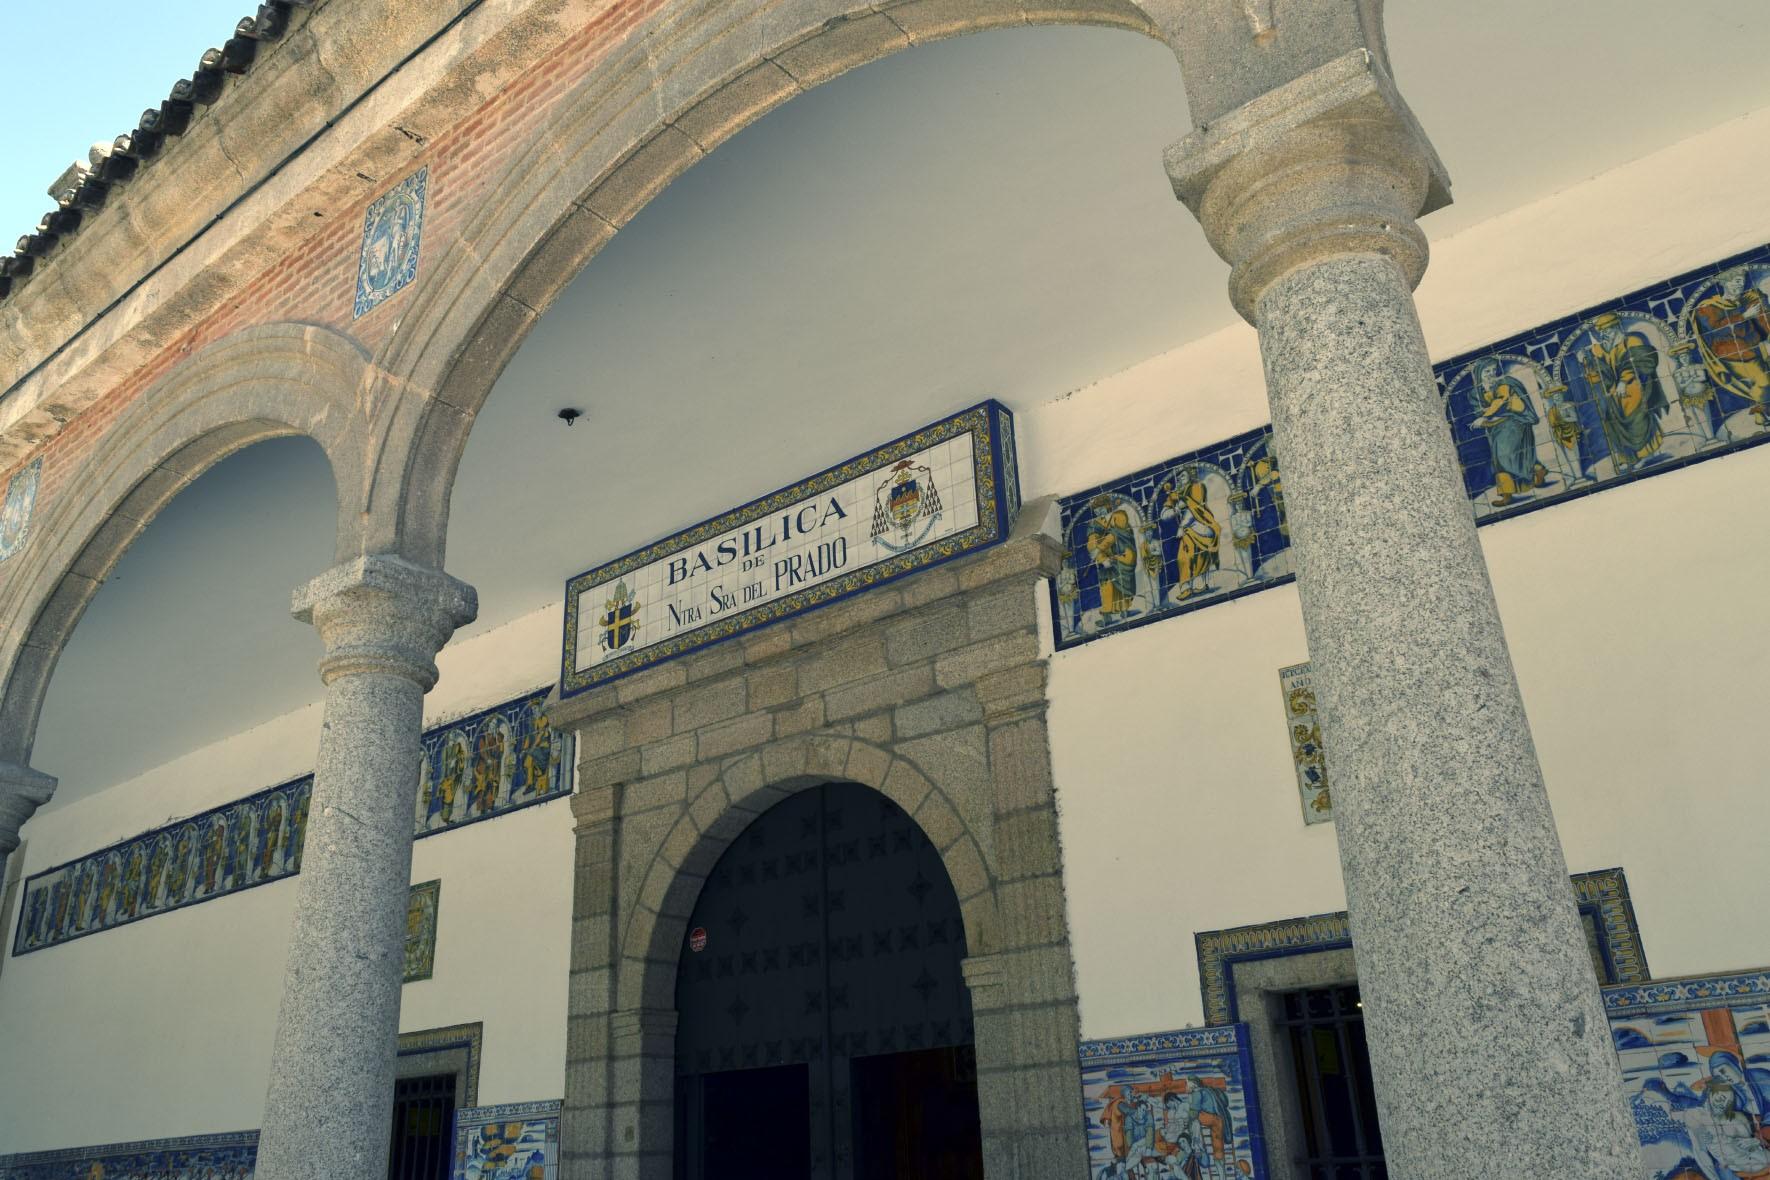 Gestión del patrimonio local por Proyectos Culturales | www.proyectosculturales.eu